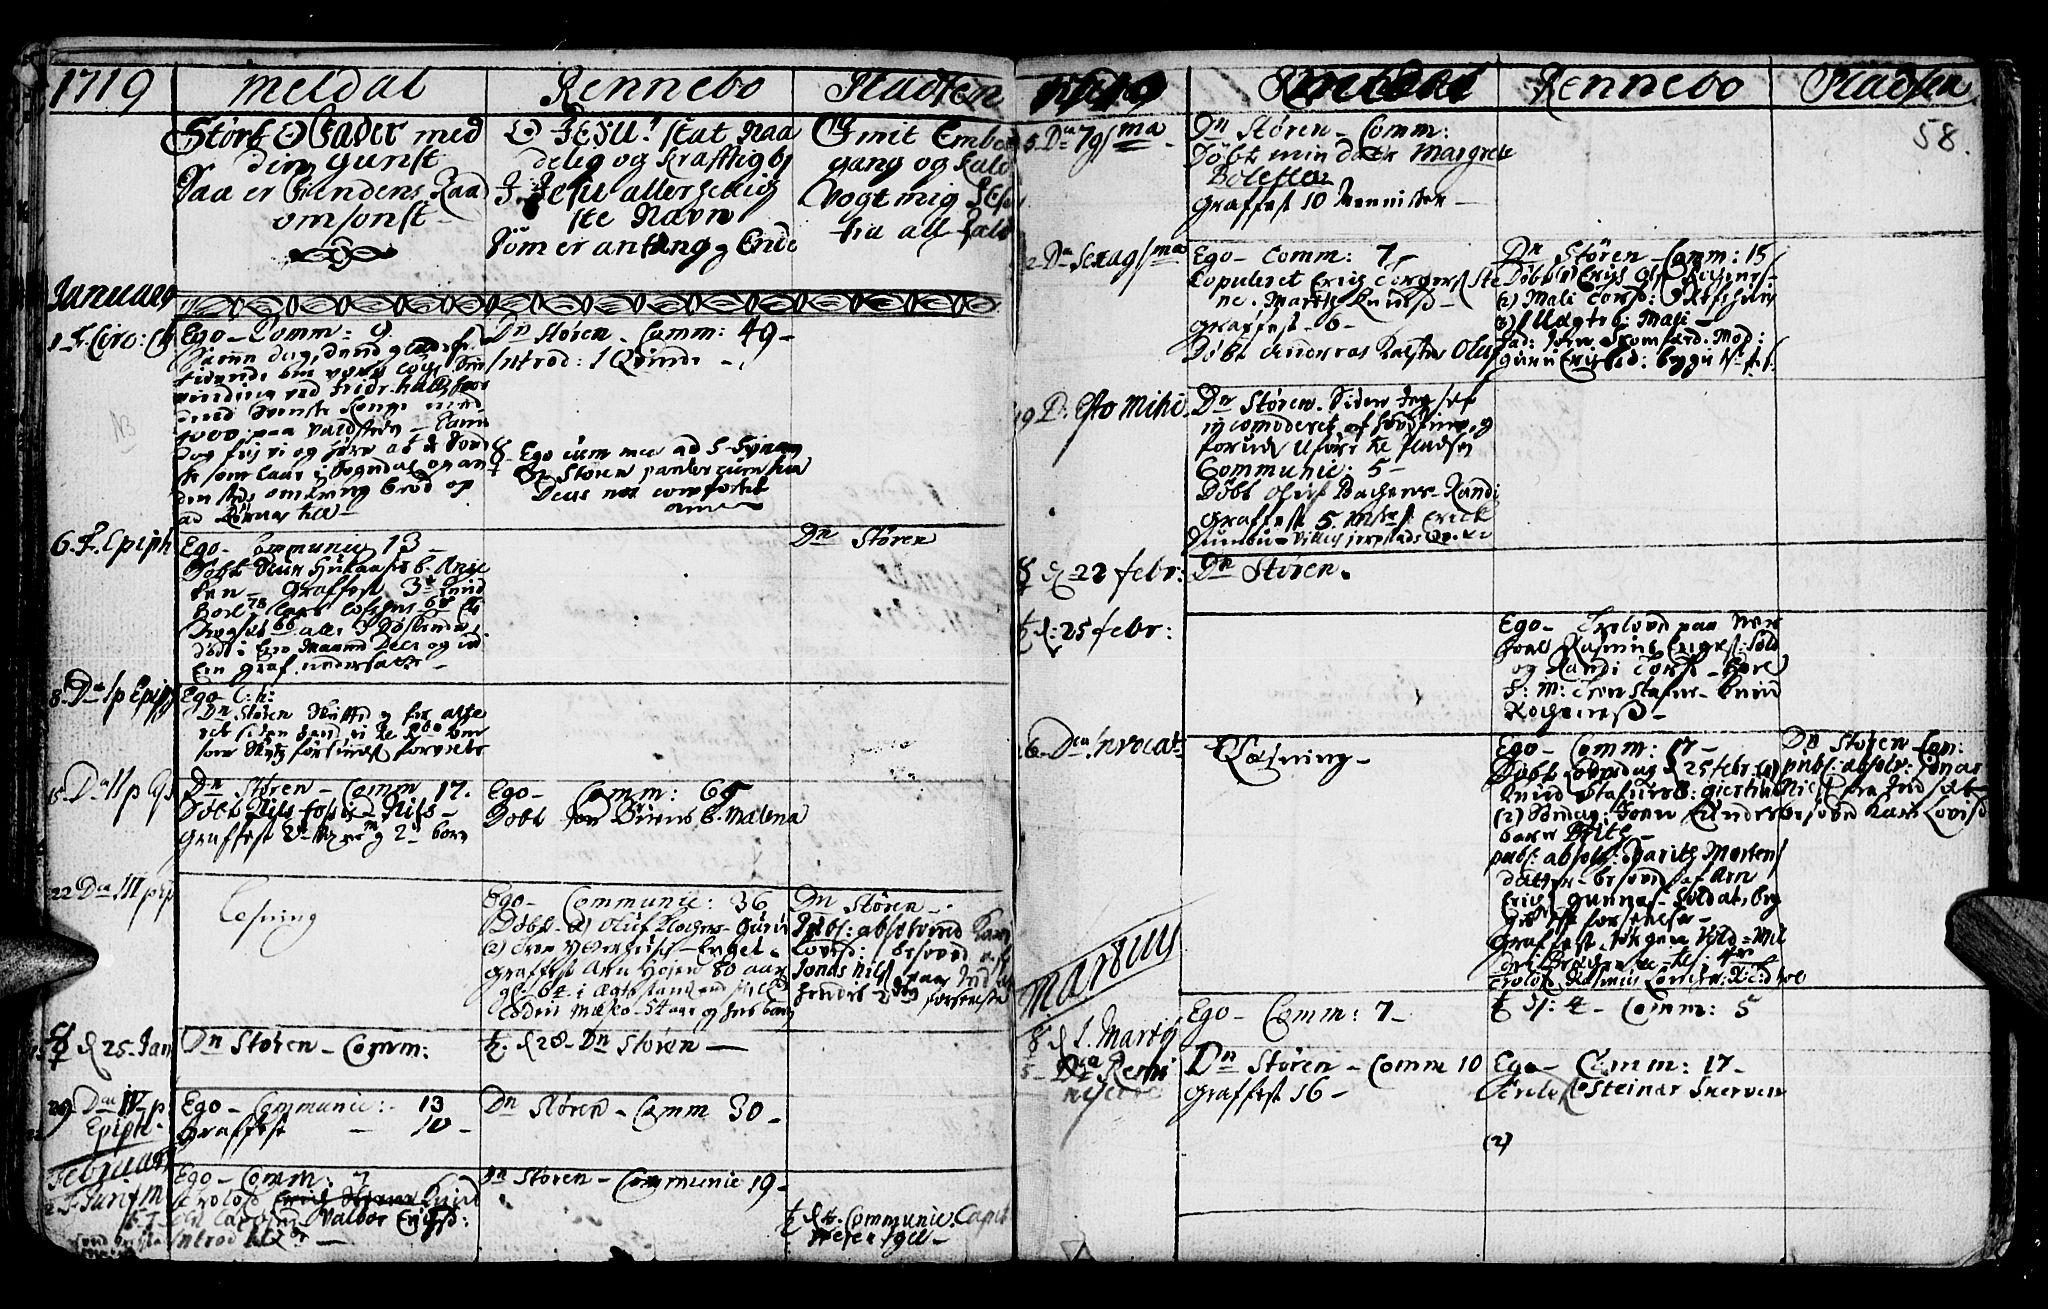 SAT, Ministerialprotokoller, klokkerbøker og fødselsregistre - Sør-Trøndelag, 672/L0849: Ministerialbok nr. 672A02, 1705-1725, s. 58